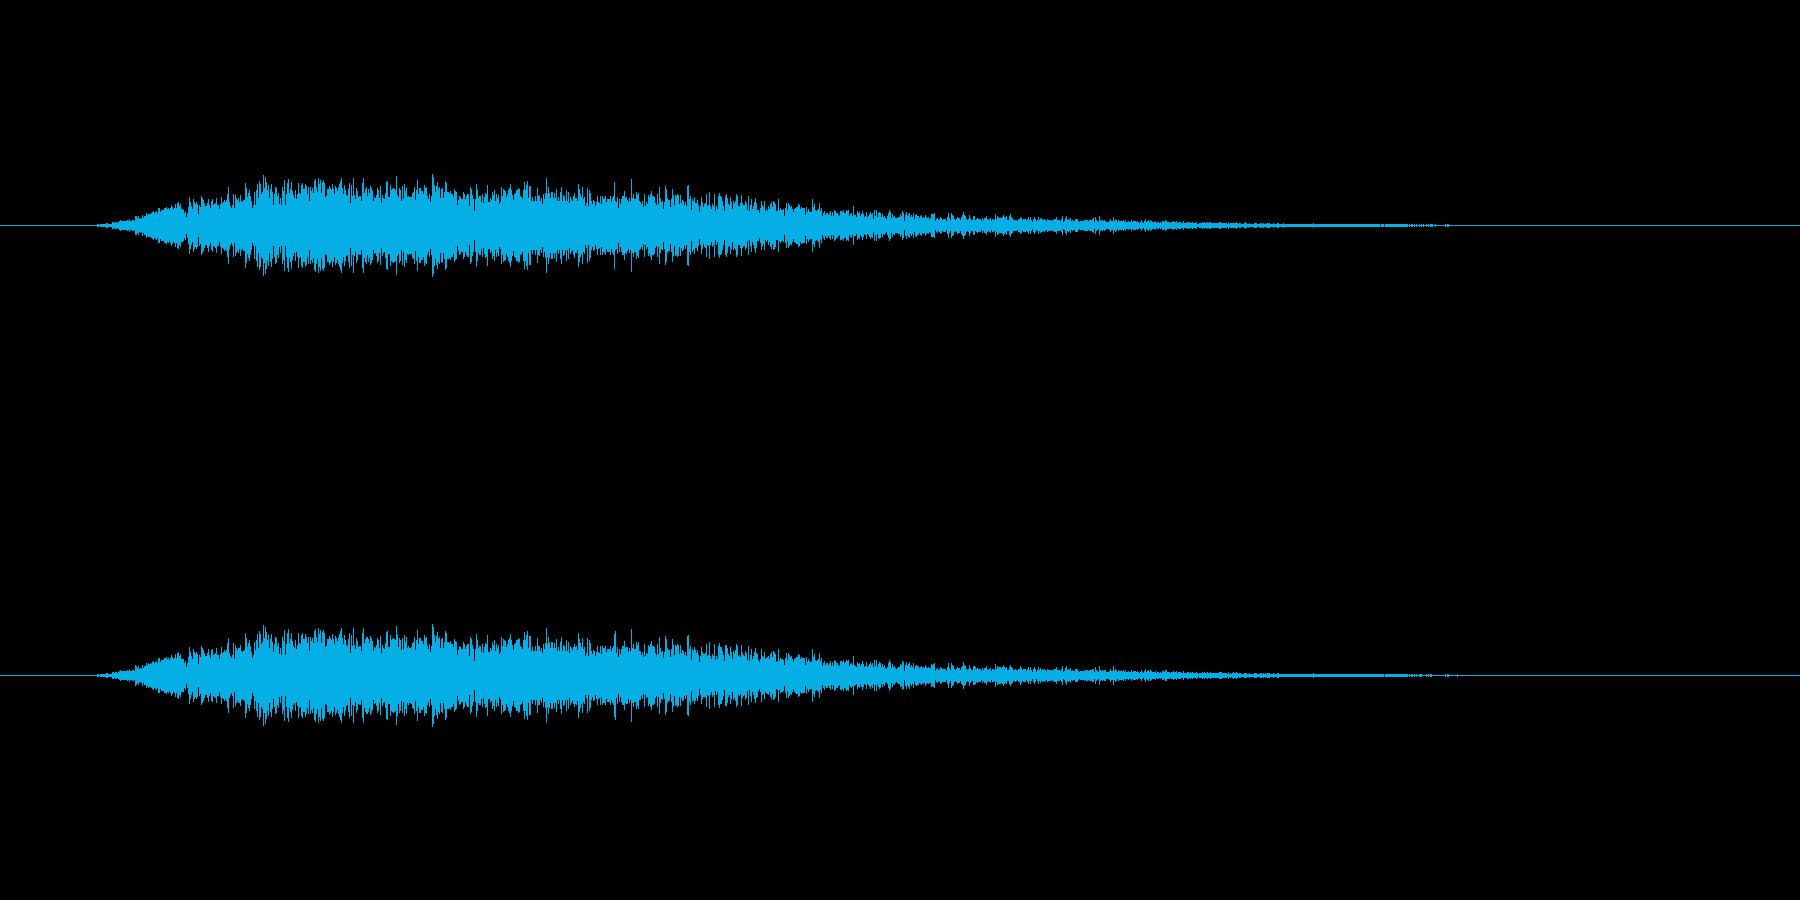 【風 合成02-4】の再生済みの波形